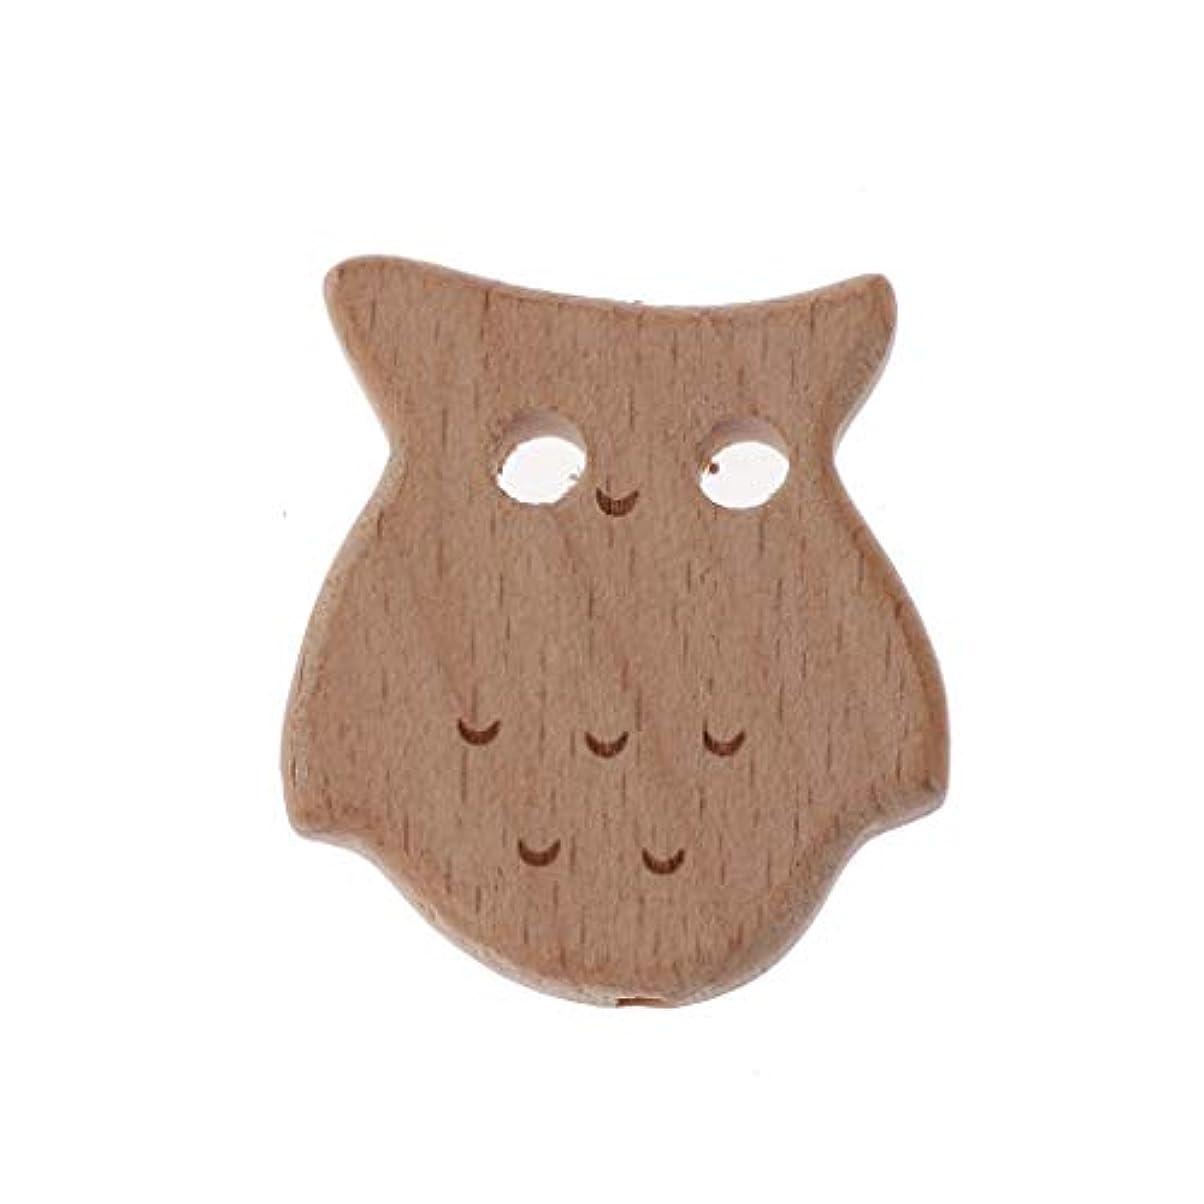 嵐習熟度中でLandwoodウッド歯が生えるビーズニレ動物ビーズ赤ちゃんのおもちゃDIYおしゃぶりチェーンアクセサリー - フクロウ